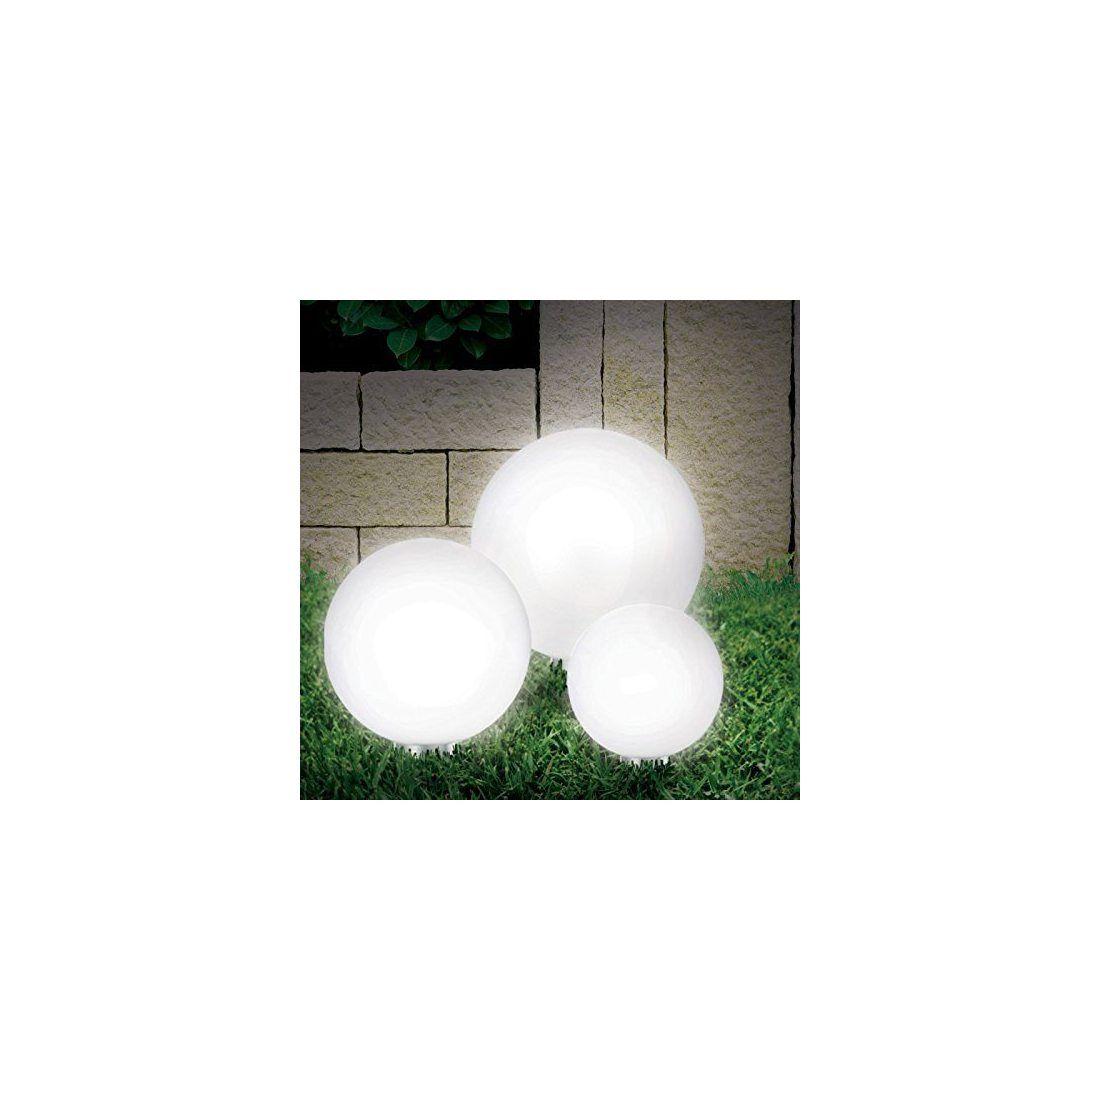 Lampe boule SOLAIRE 30 cm 8 leds - pratik light